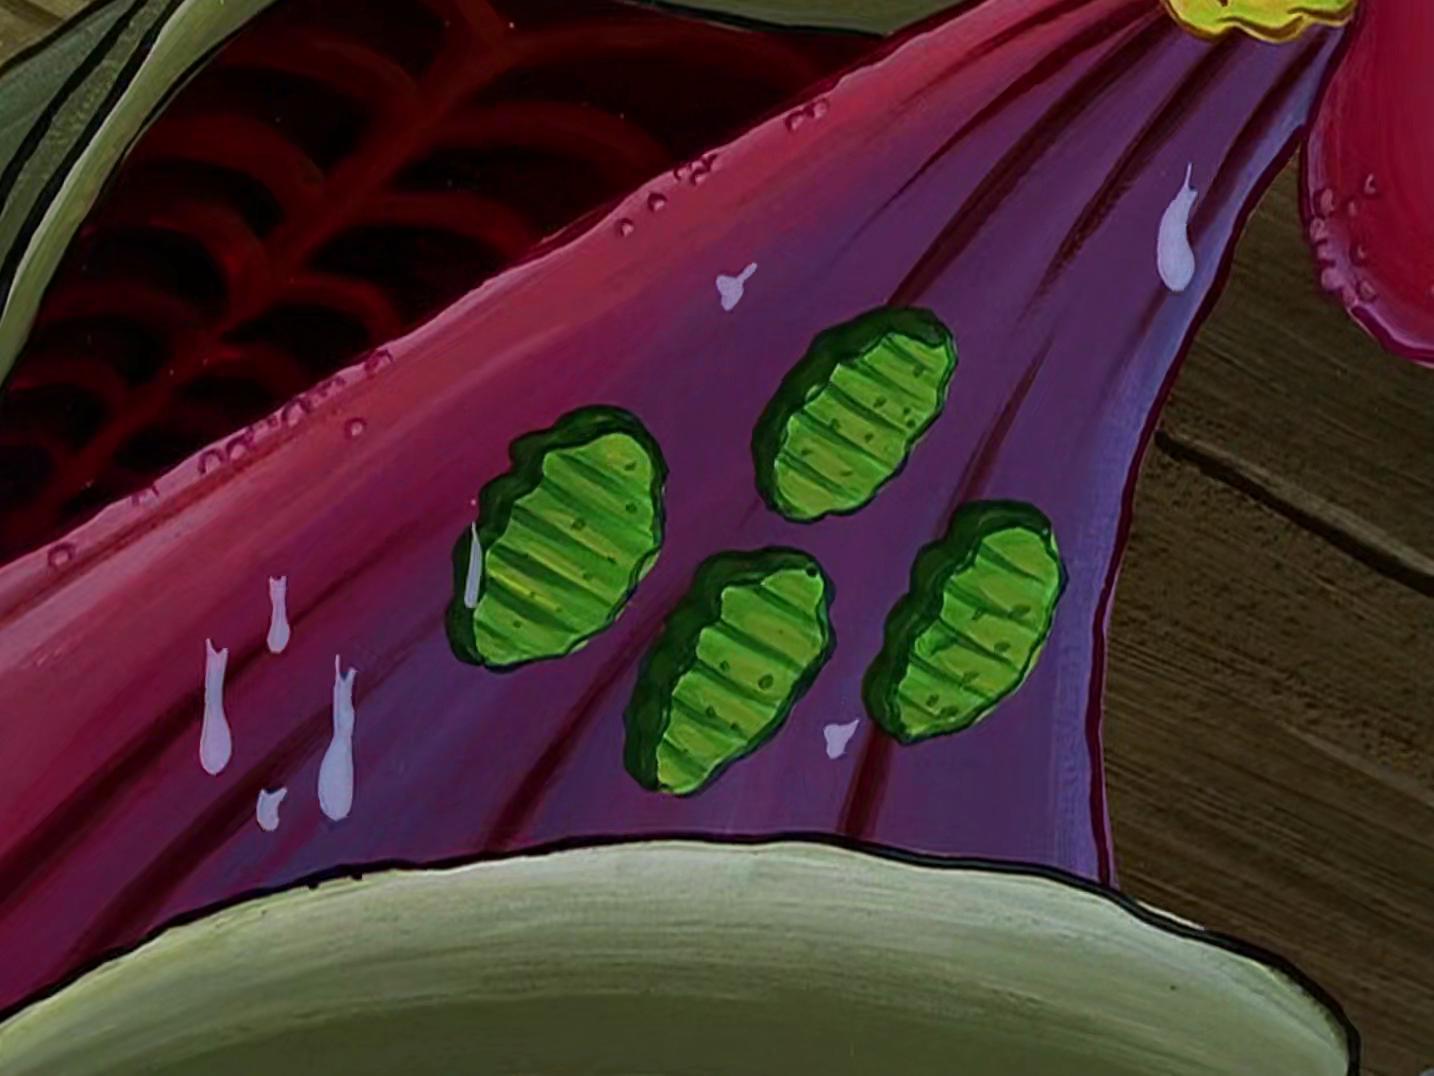 Pickles (food)